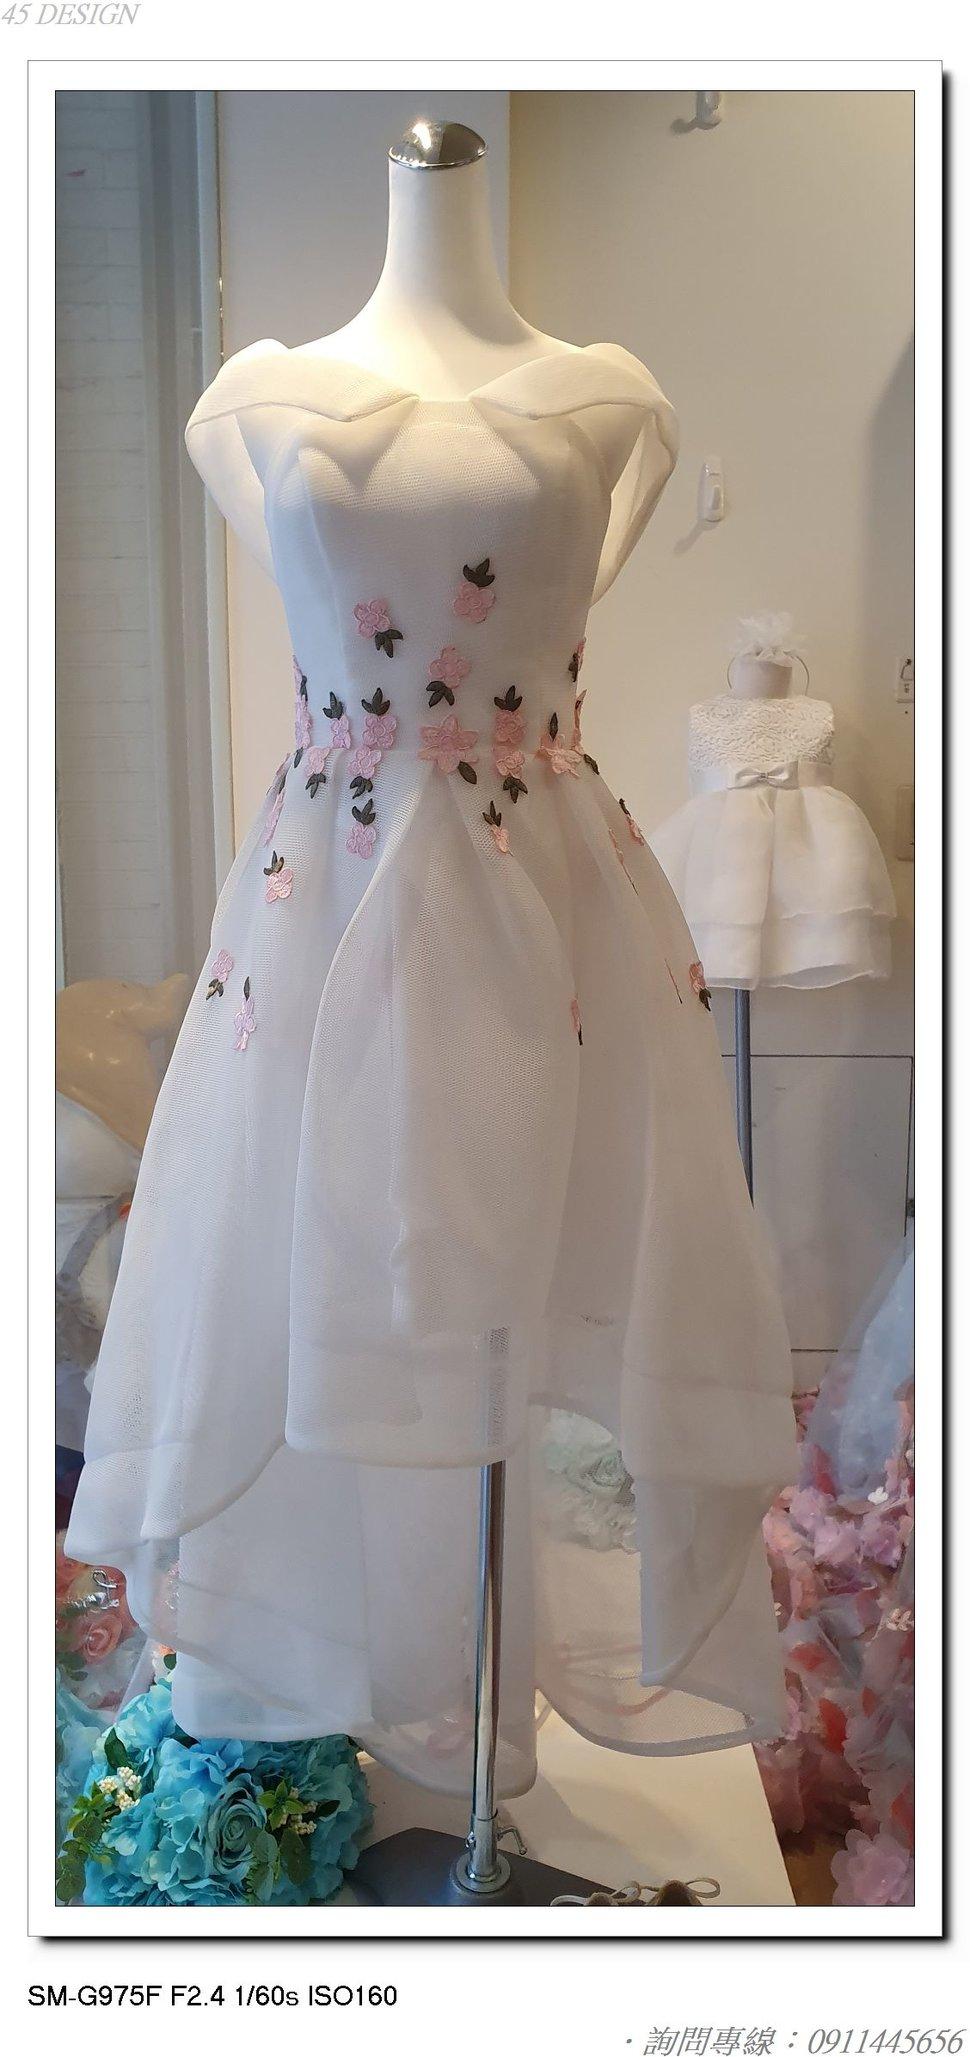 20200214_160116 - 全台最便宜-45DESIGN四五婚紗禮服《結婚吧》